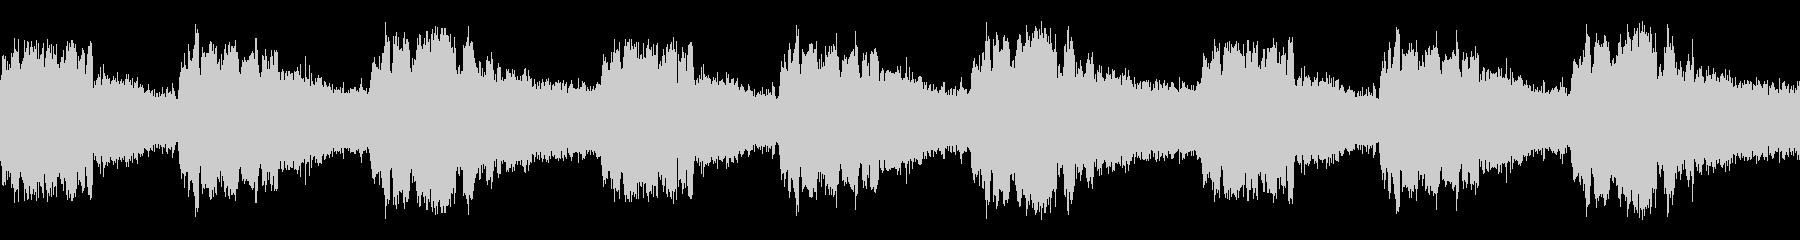 【録音】ミンミンゼミの鳴き声(ループ)の未再生の波形